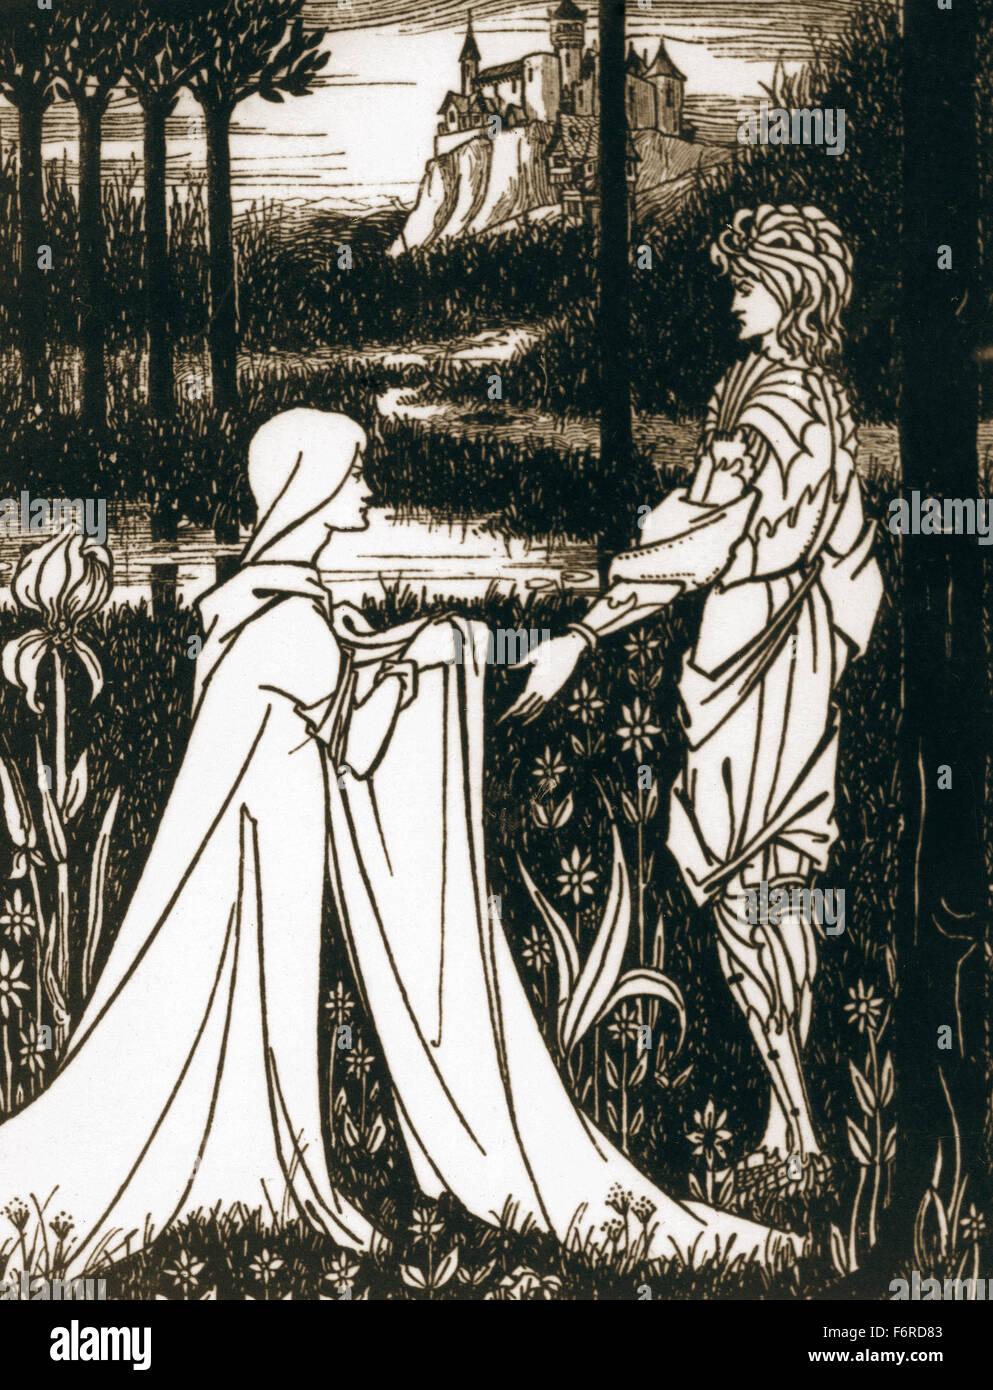 Leggenda arturiana. King Arthur e la signora del lago. Incisione. Xix secolo. Immagini Stock